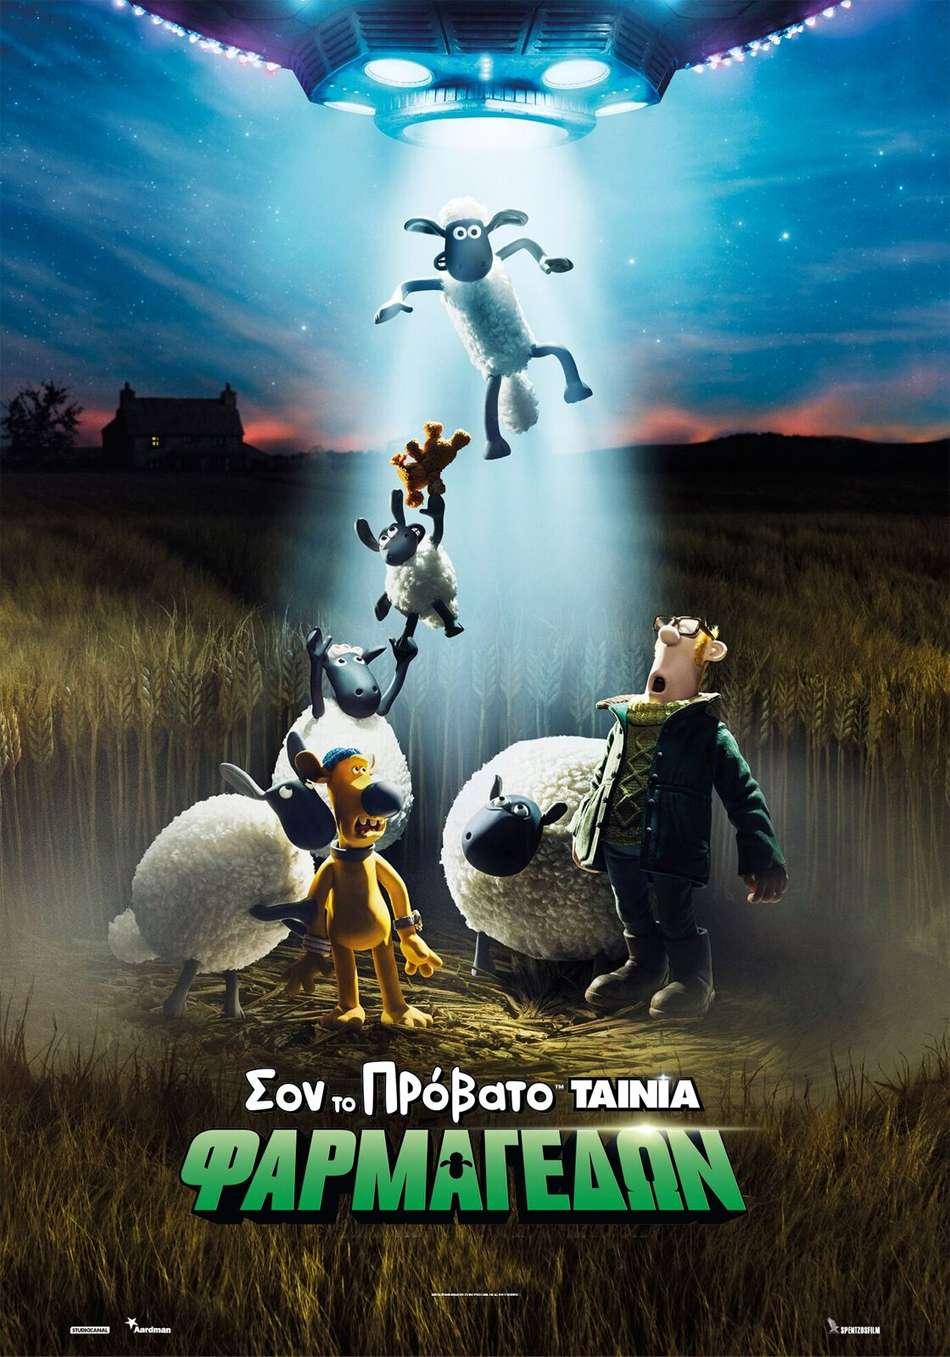 Σον το Πρόβατο: Φαρμαγεδών (A Shaun the Sheep Movie: Farmageddon) - Trailer / Τρέιλερ Poster